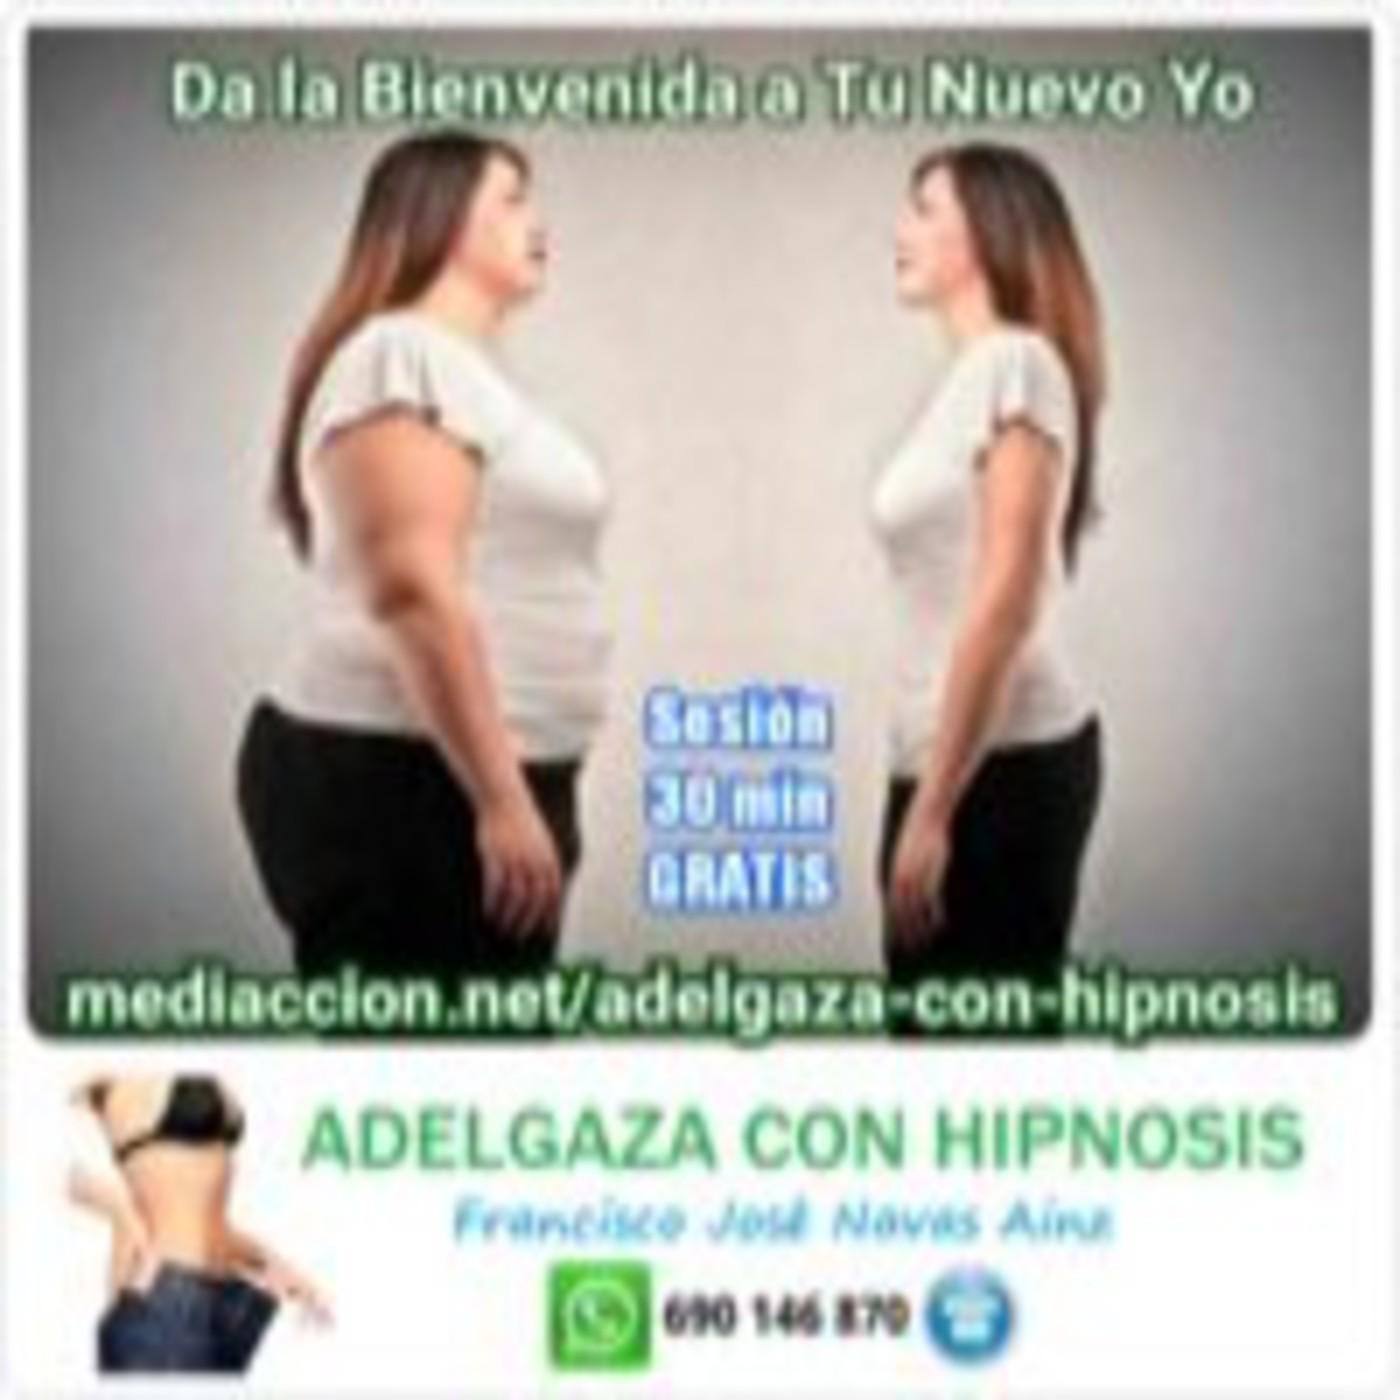 Hypnosis para adelgazar descargar